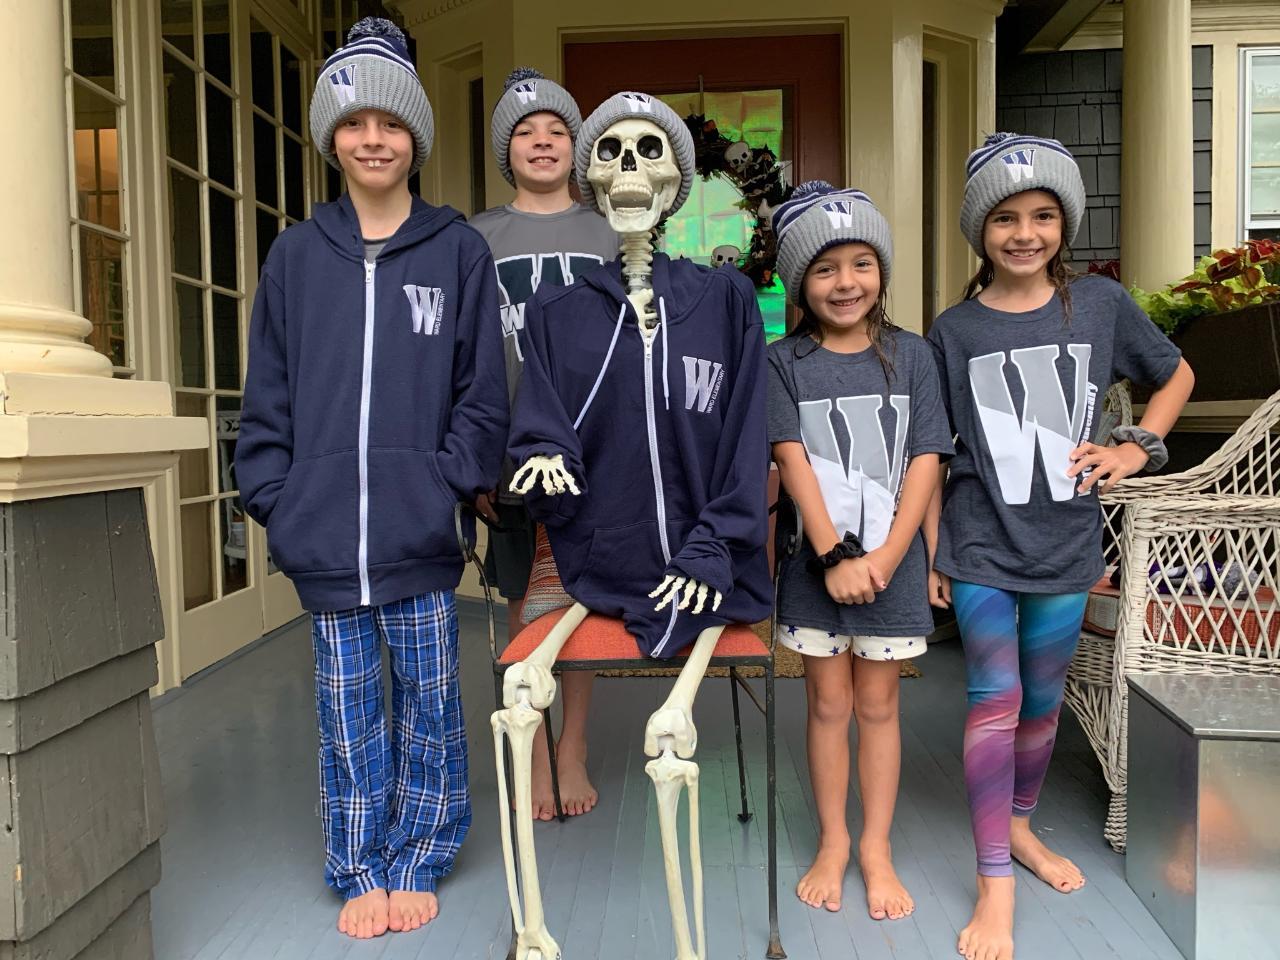 Students wearing Ward gear for Ward Spirit Day.